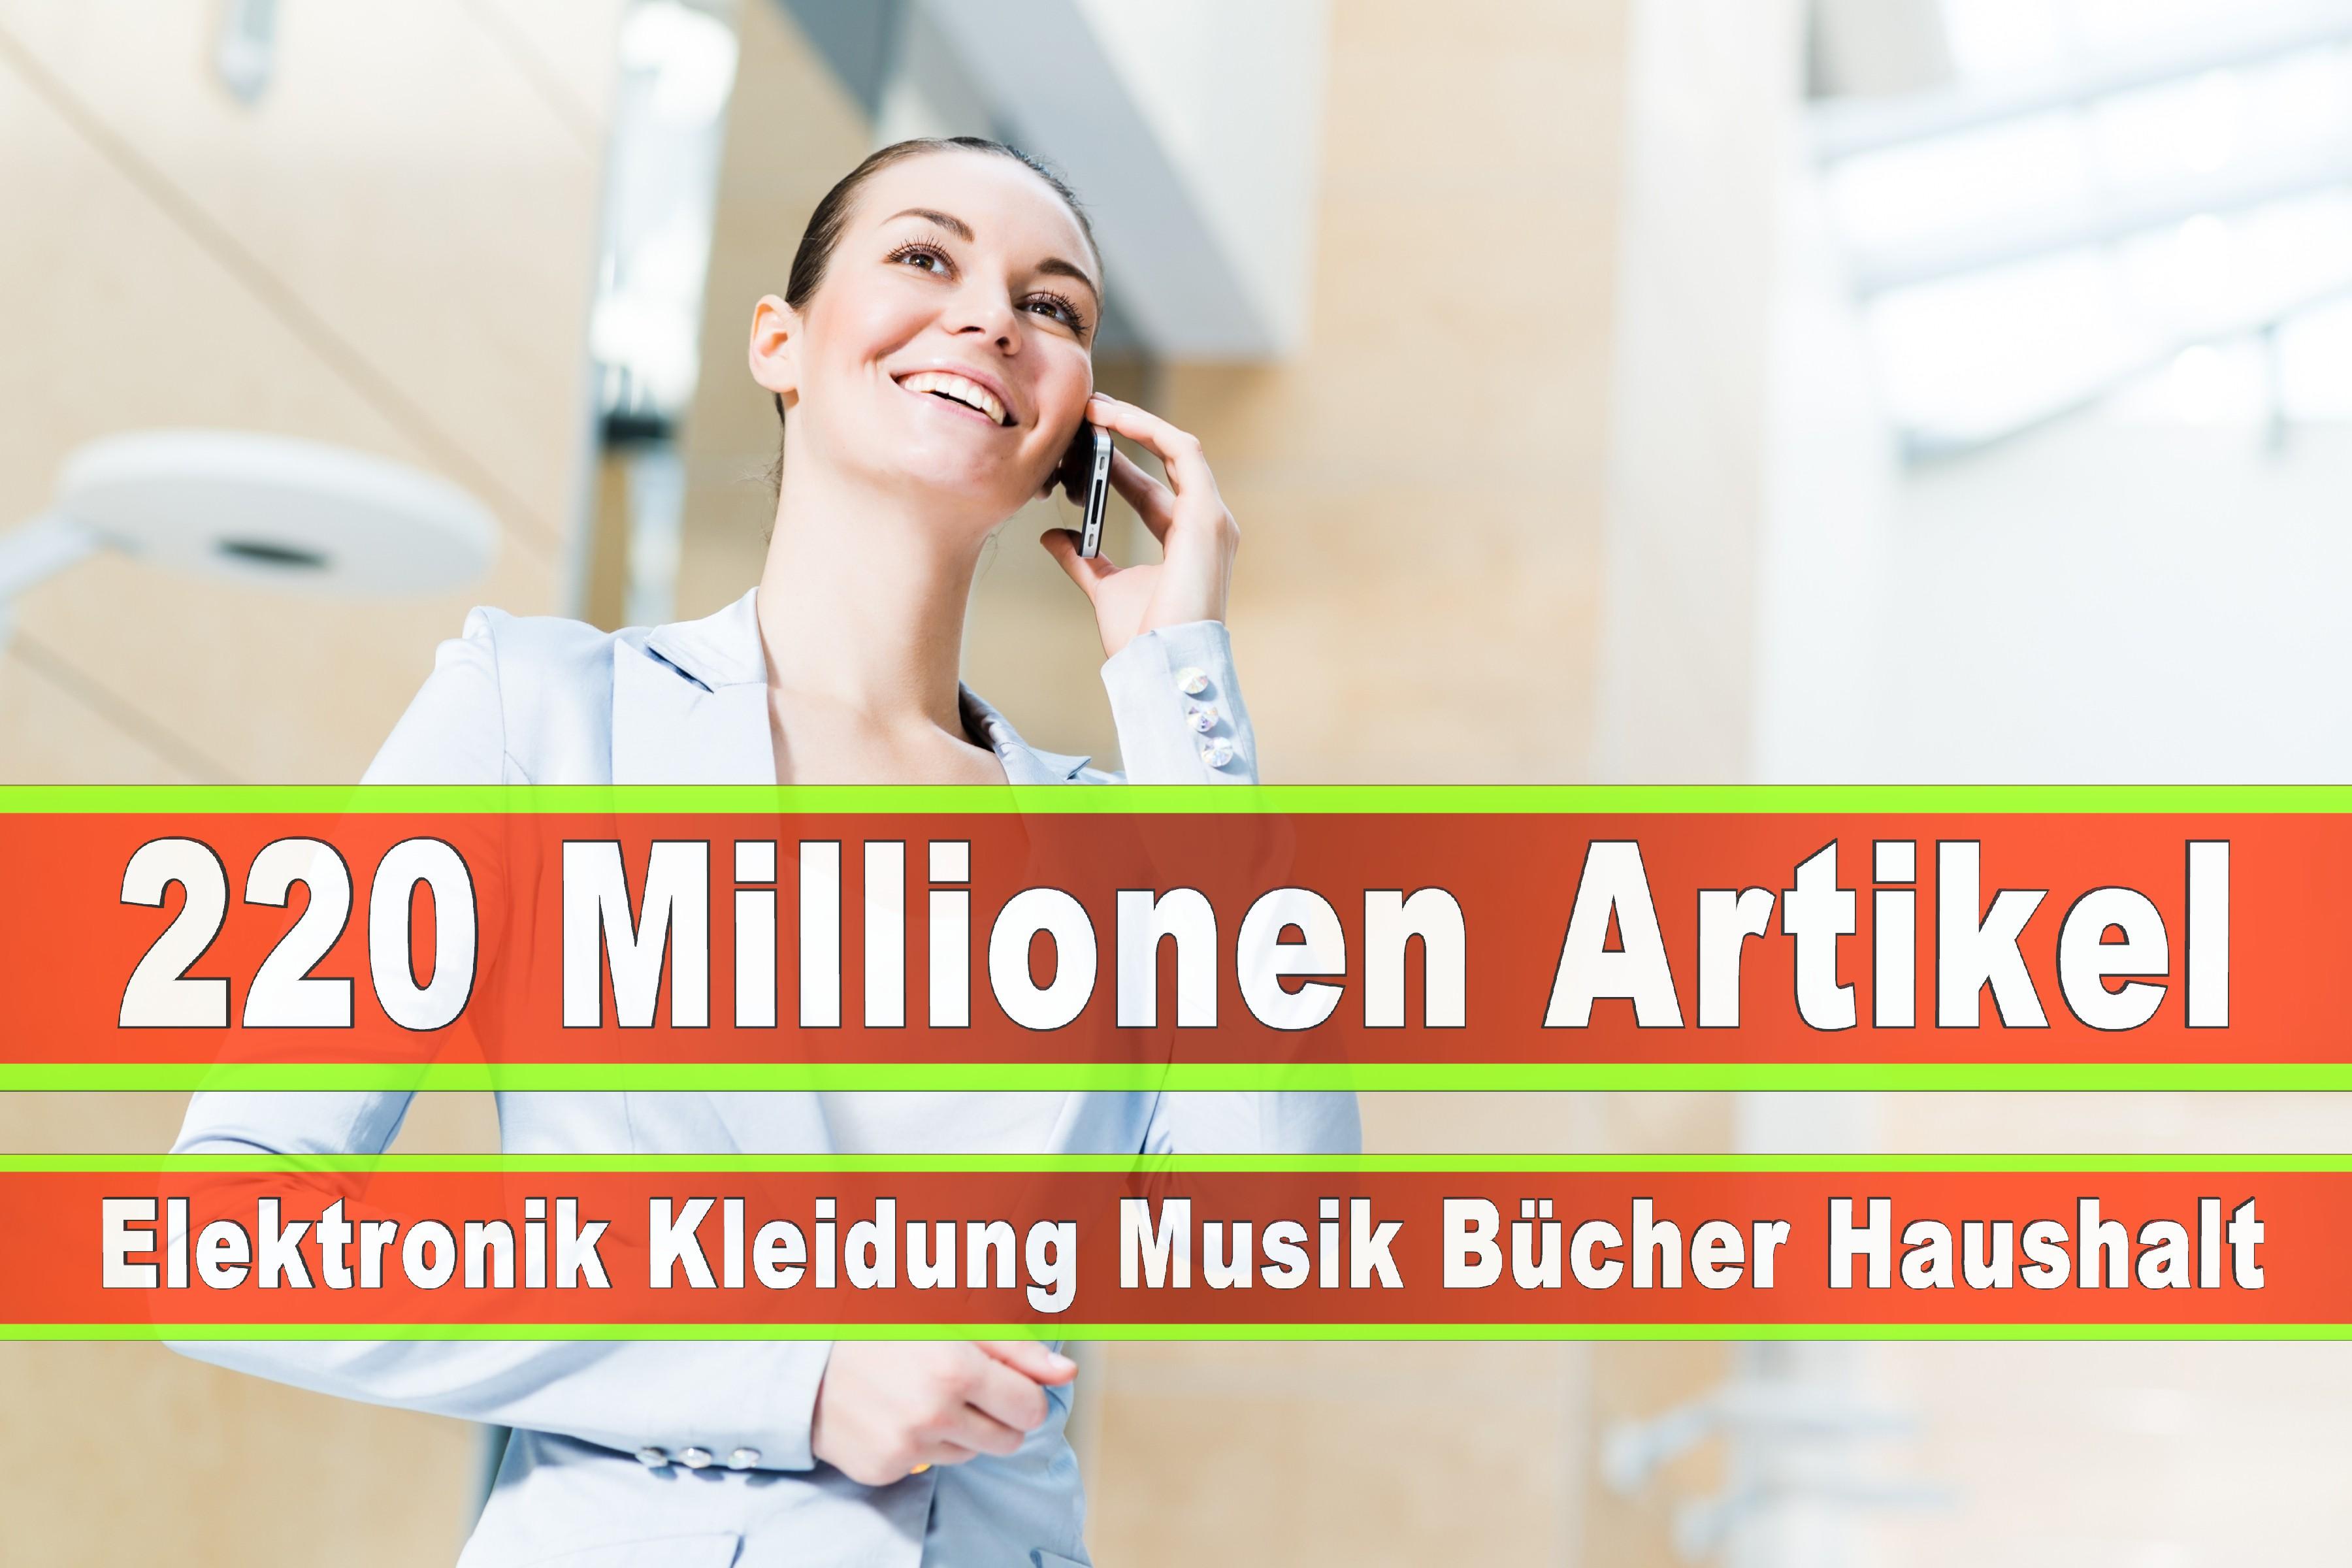 Amazon Elektronik Musik Haushalt Bücher CD DVD Handys Smartphones TV Television Fernseher Kleidung Mode Ebay Versandhaus (141)